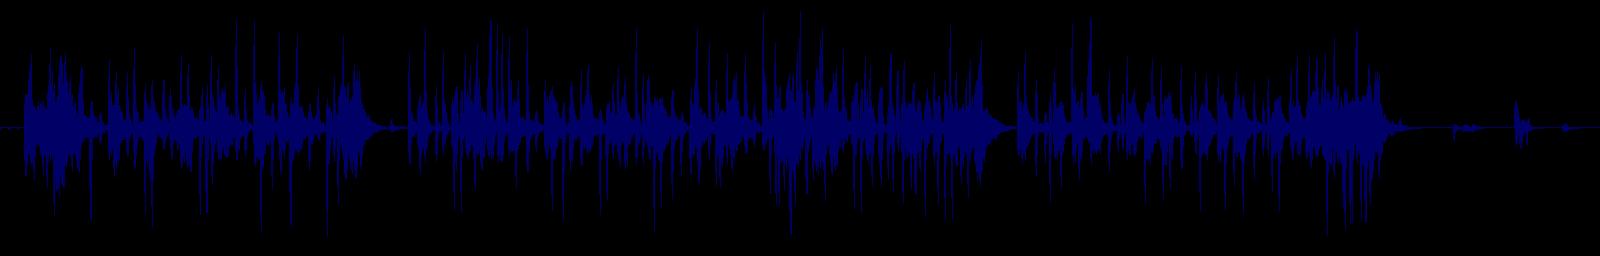 waveform of track #150147